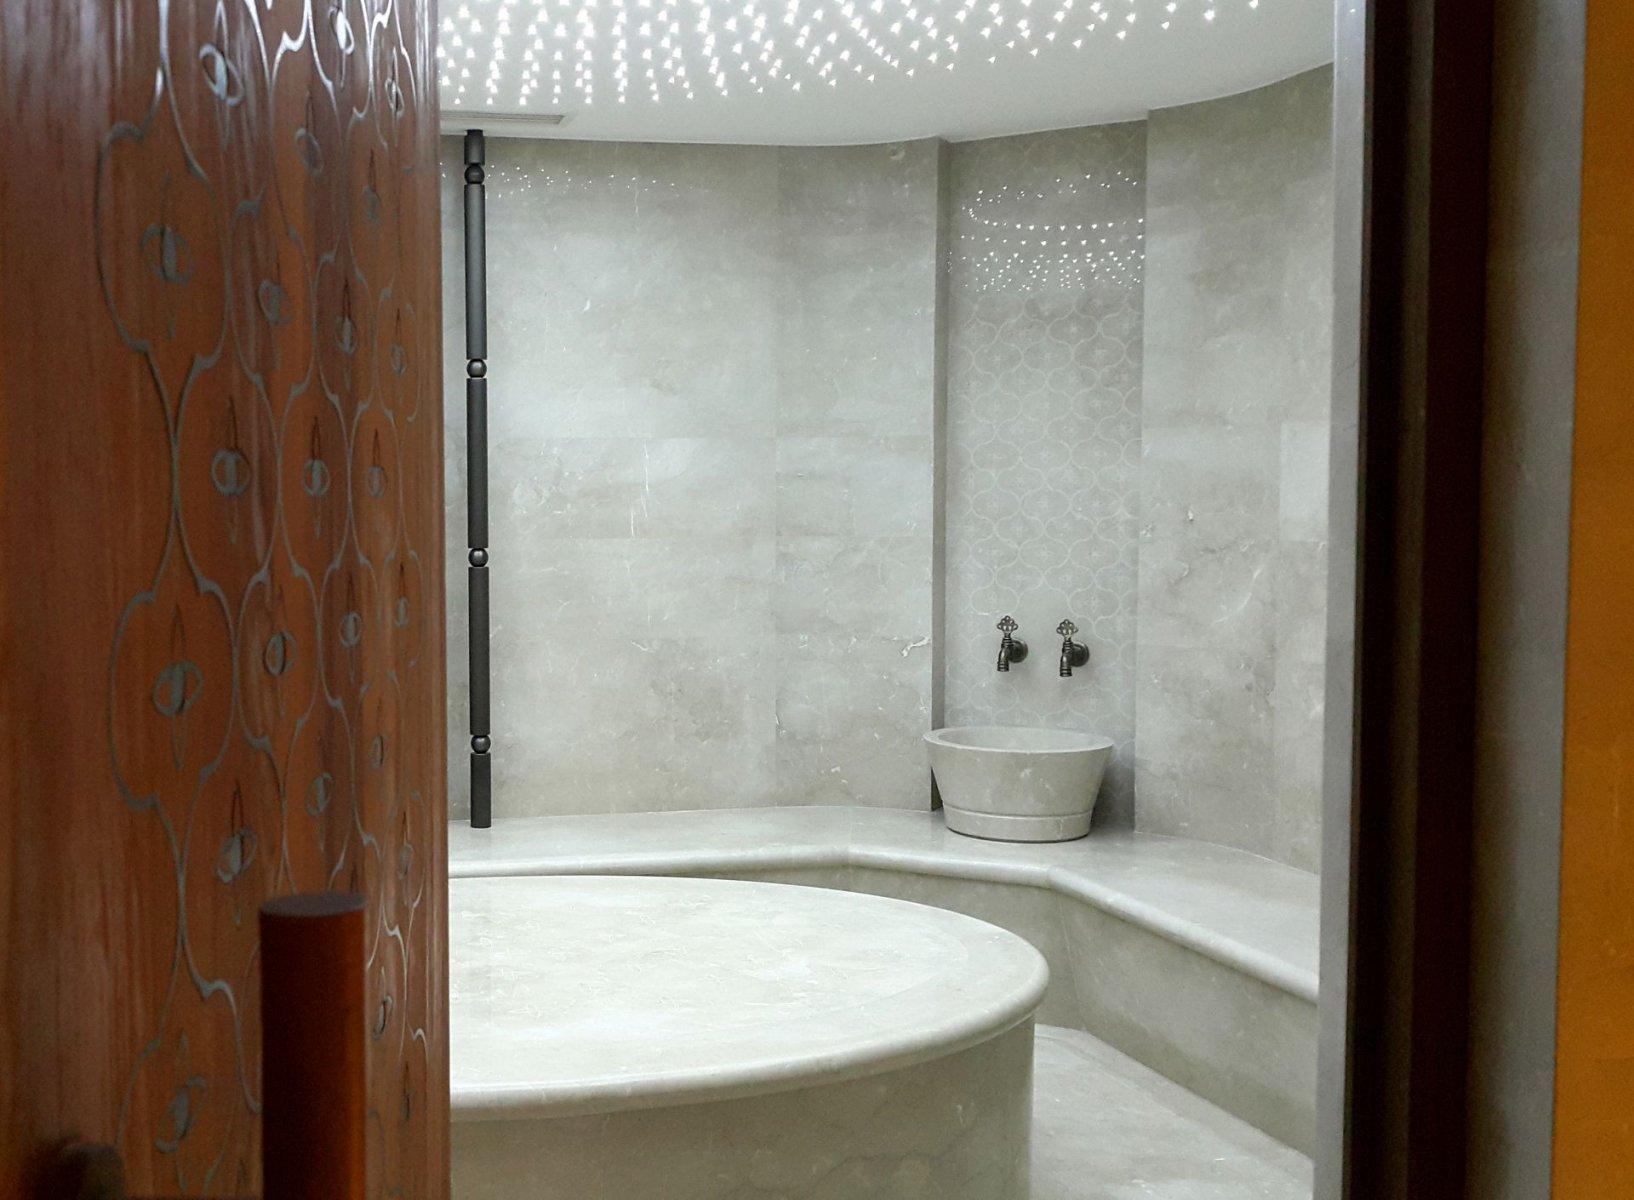 Bosphorus HYATT 5 Yıldızlı Otel ve Spa Projesi